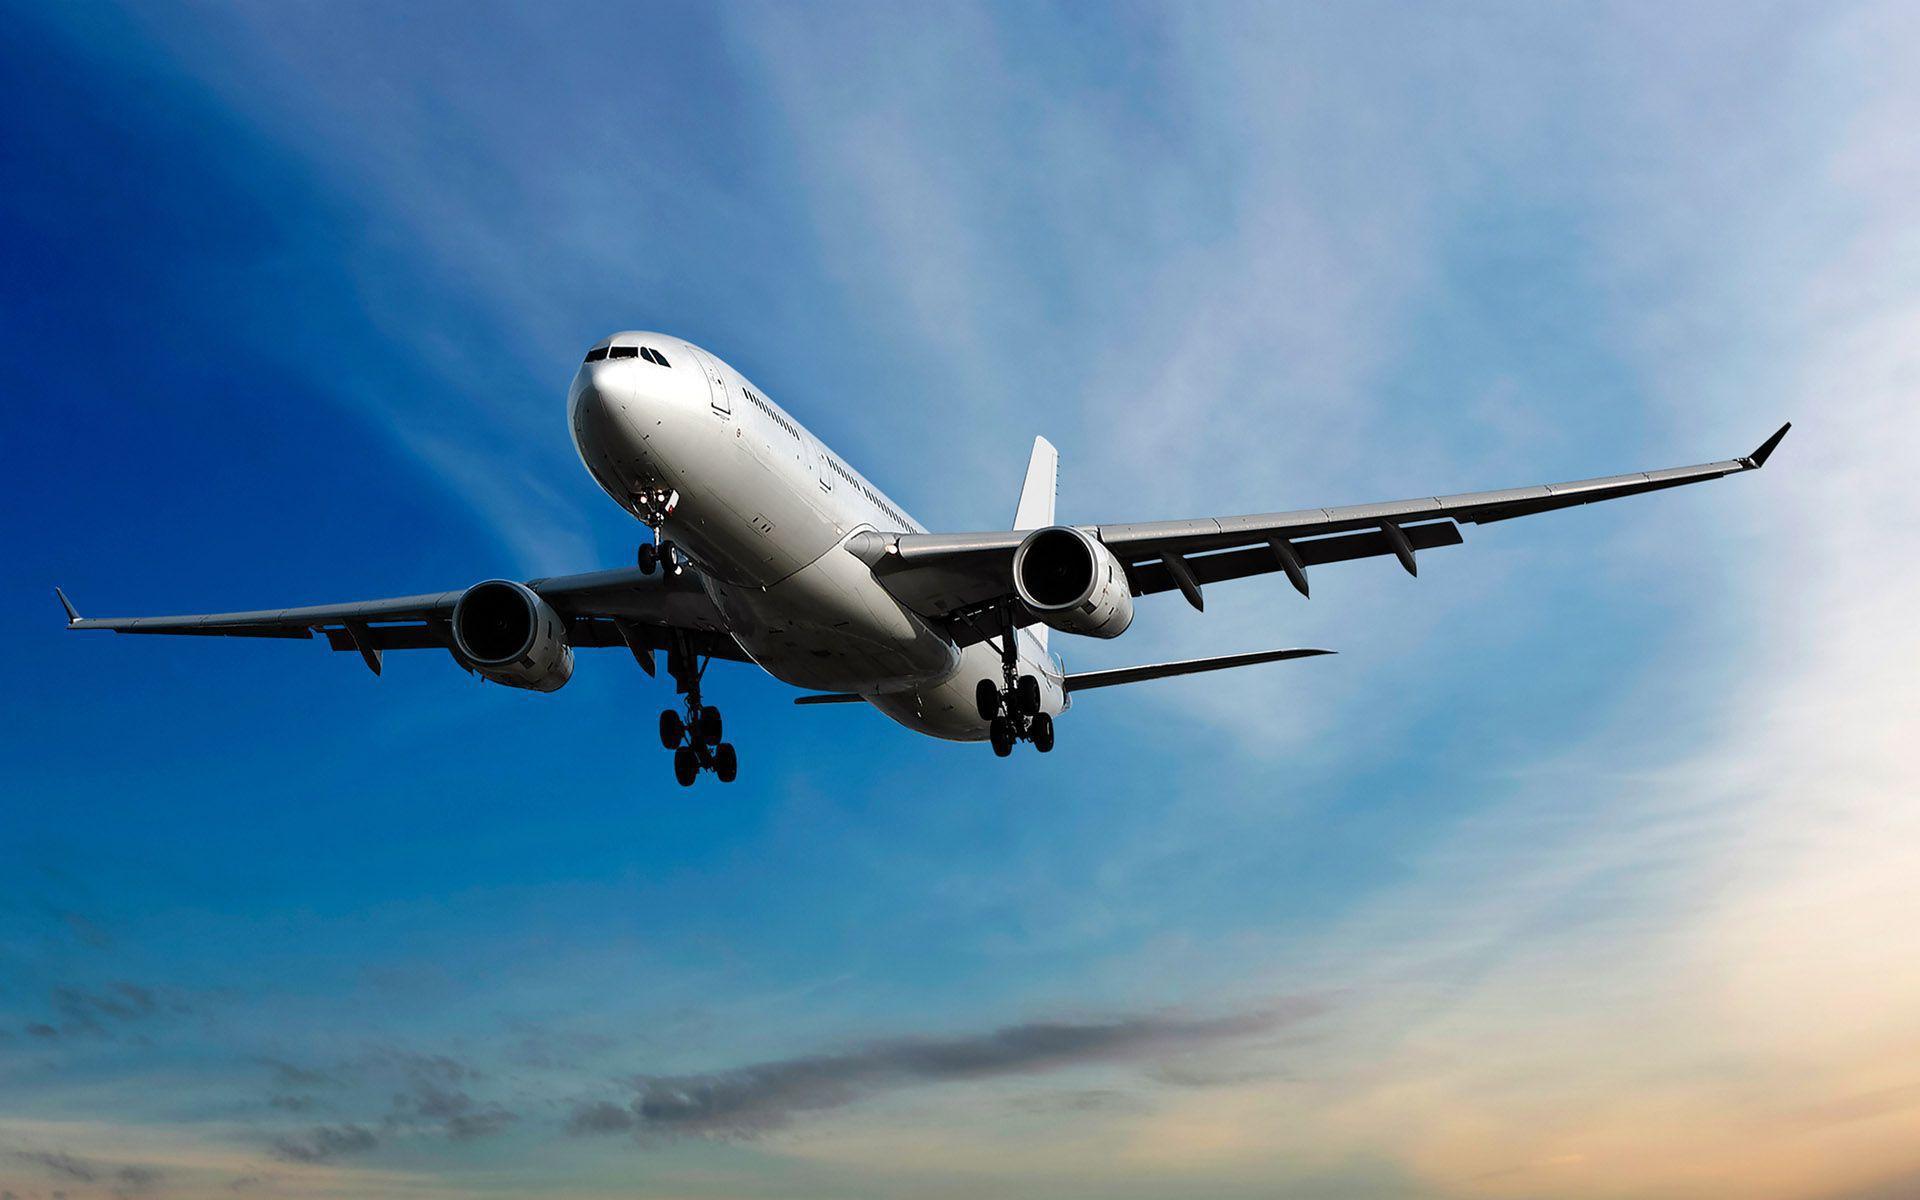 Авиакомпаниям, которые продают билеты на май-июнь, пригрозили штрафами. Новости Украины